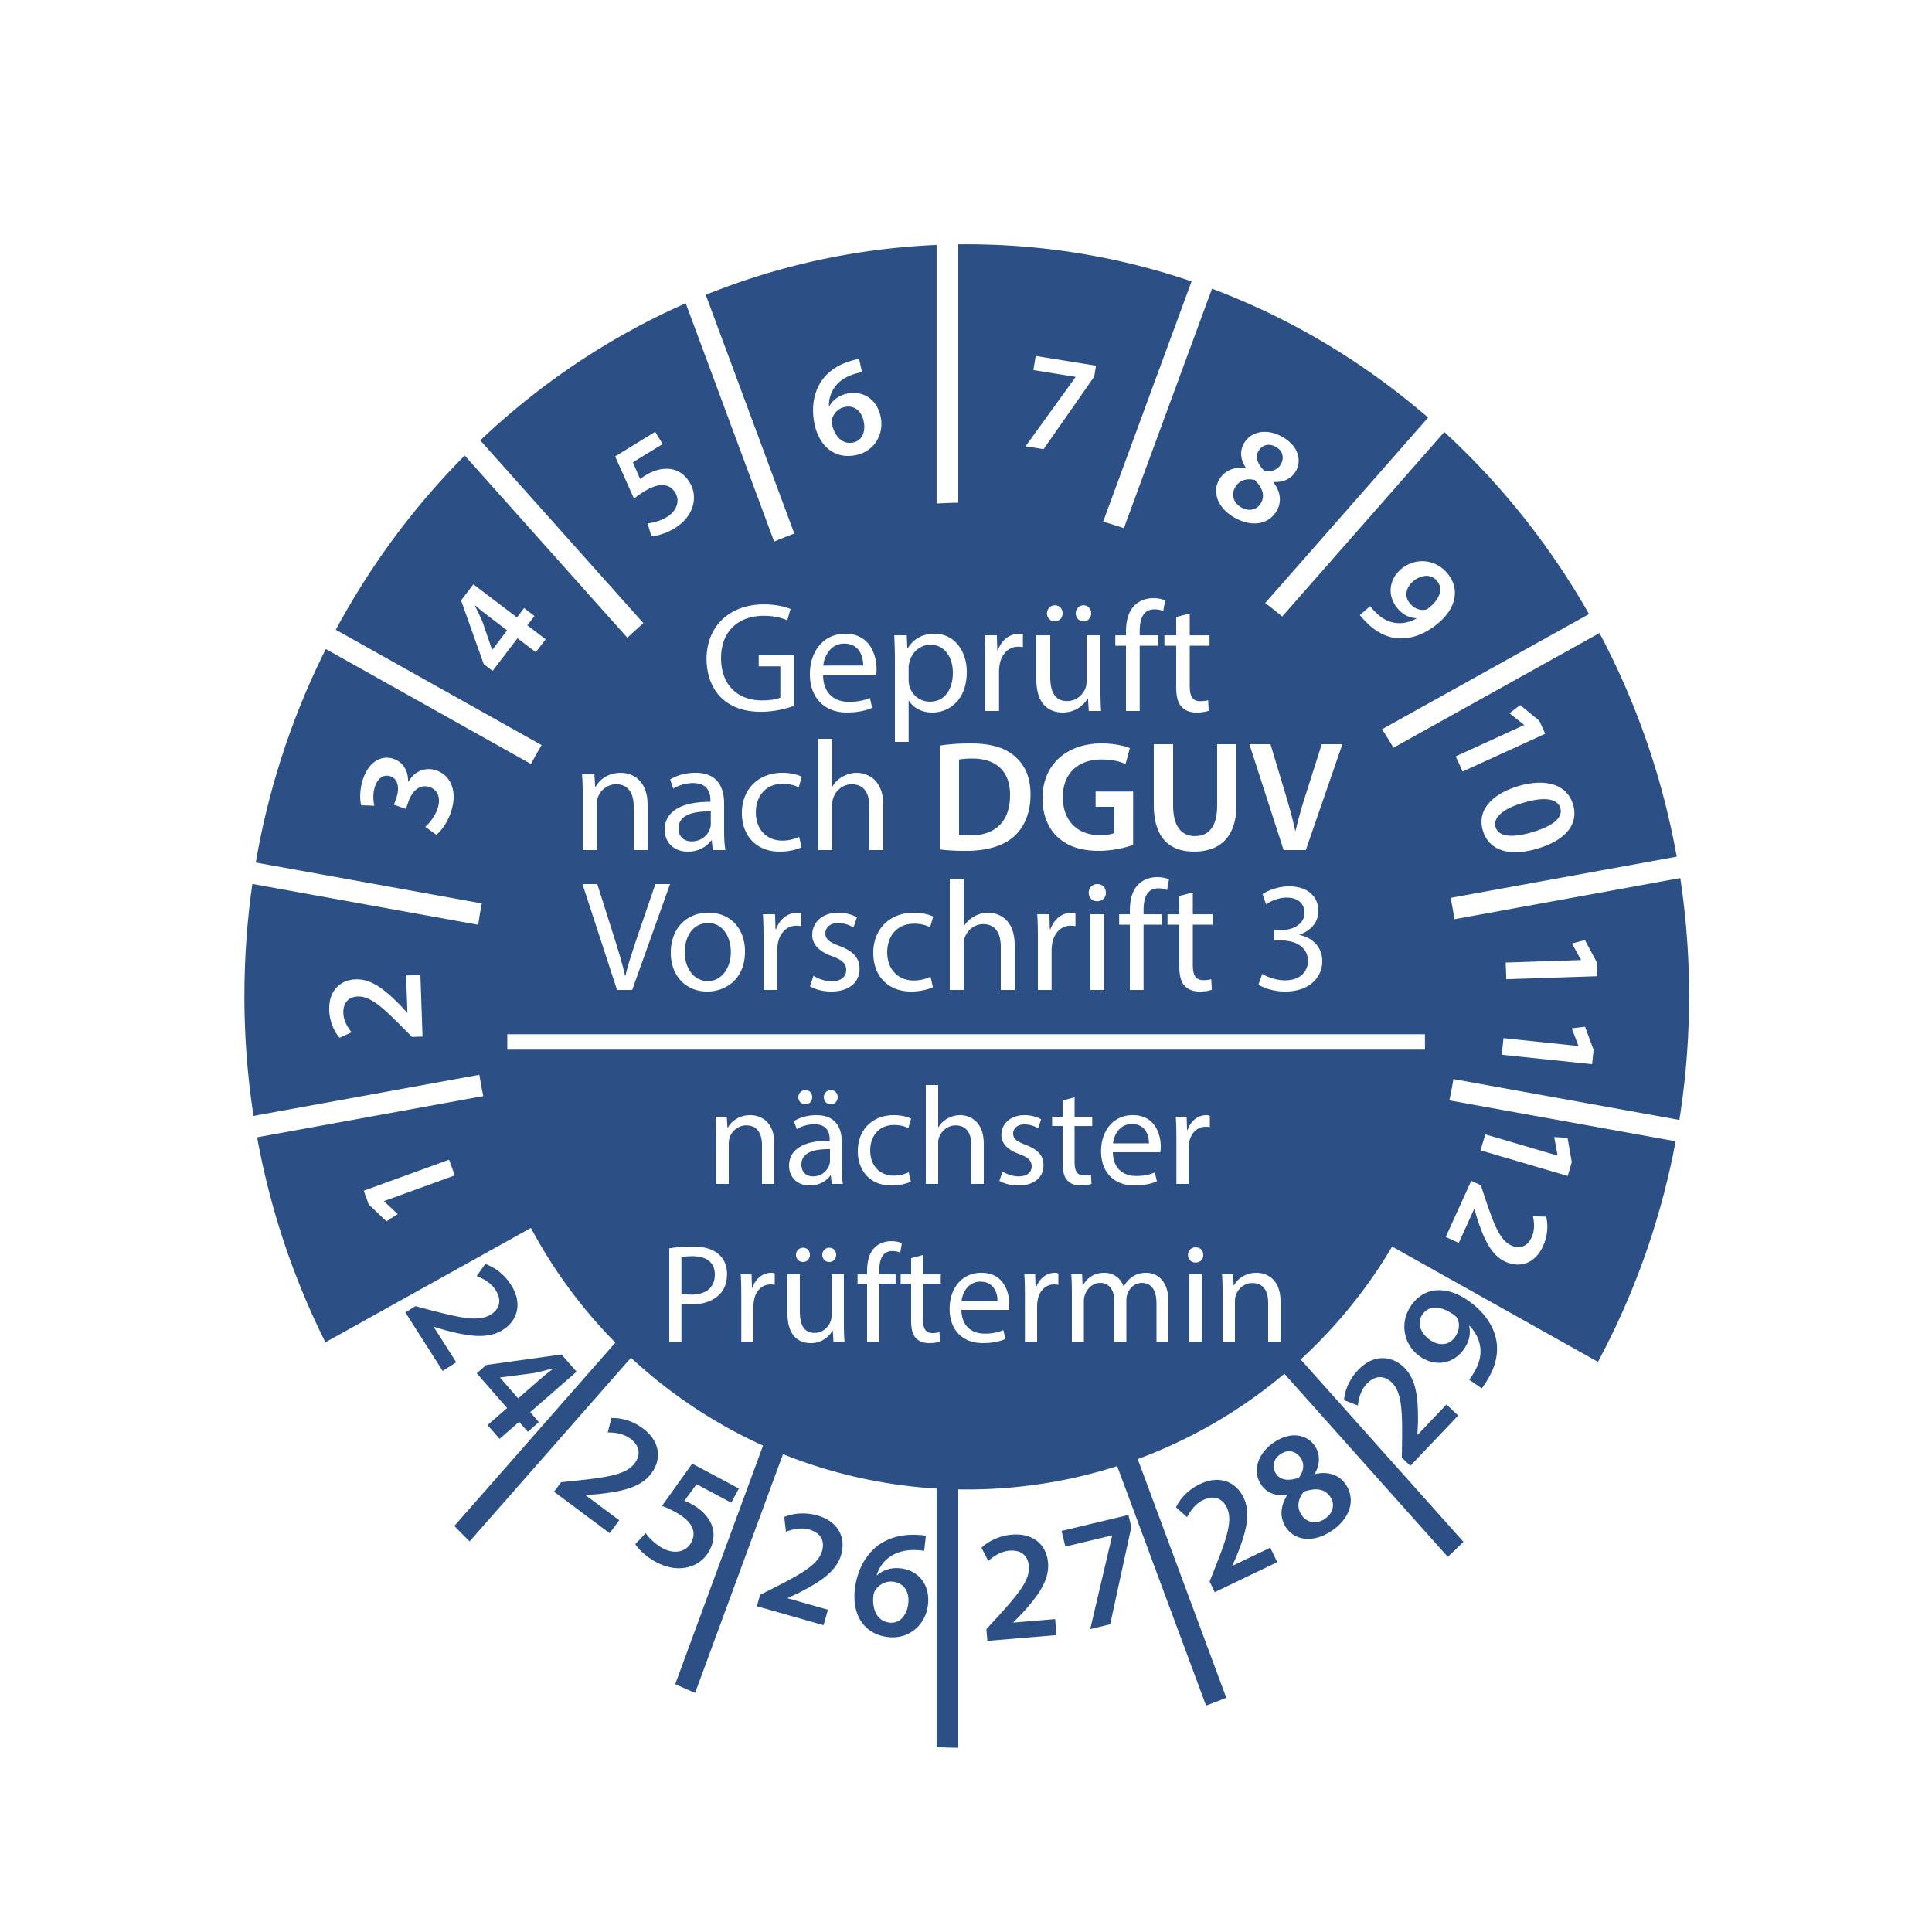 Prüfplakette geprüft nach DGUV Vorschrift 3 nächster Prüftermin 2024-2029 Ø 30mm Rund Gelb / Blau Prüfetikett Prüfaufkleber